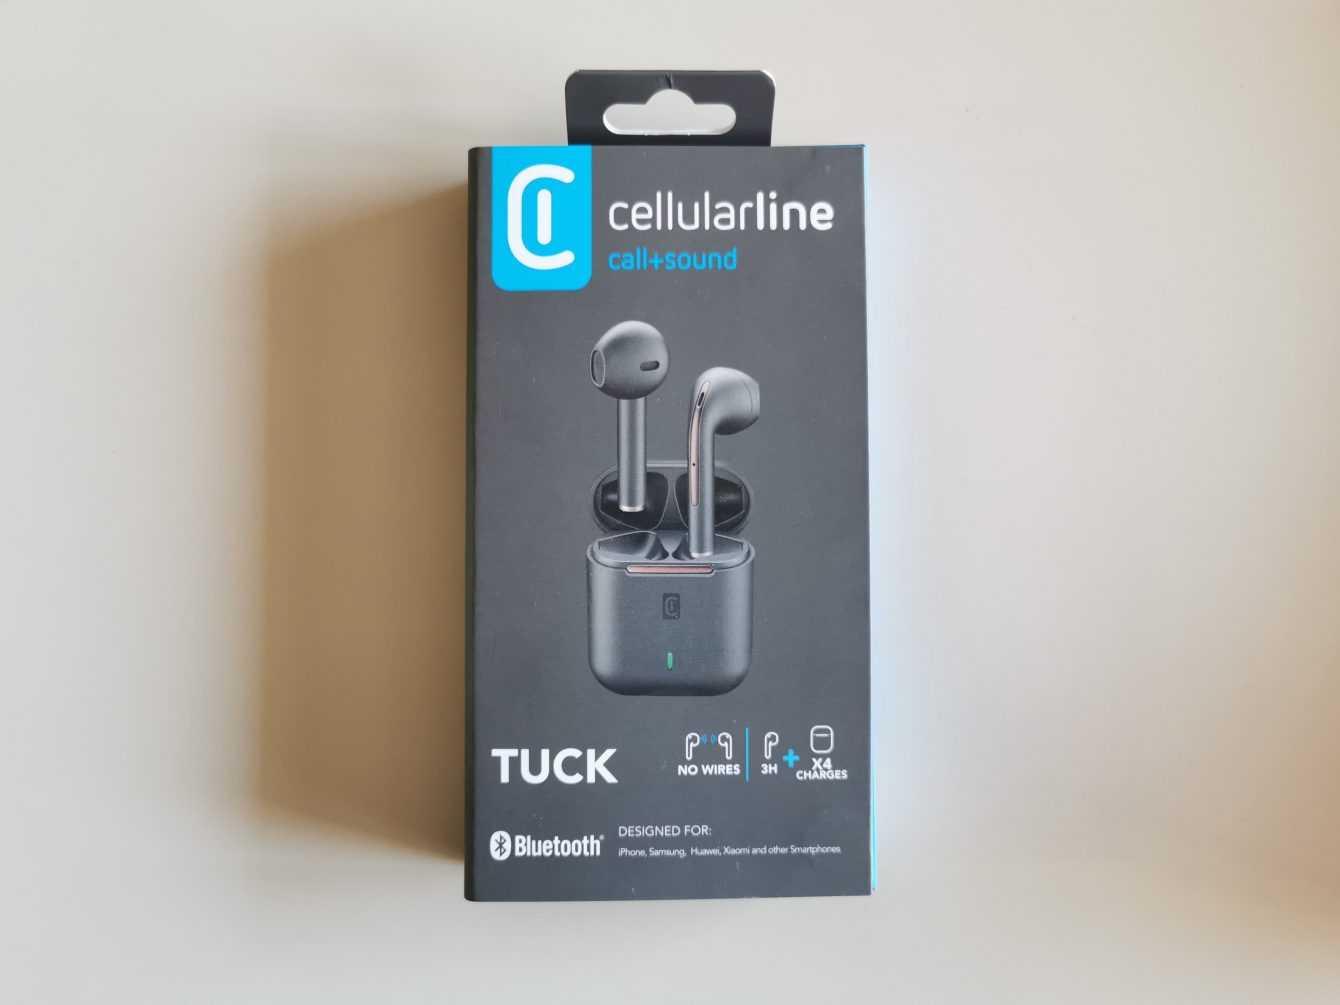 Revisión de Cellularline Tuck: ¡presupuesto y libros de bolsillo!